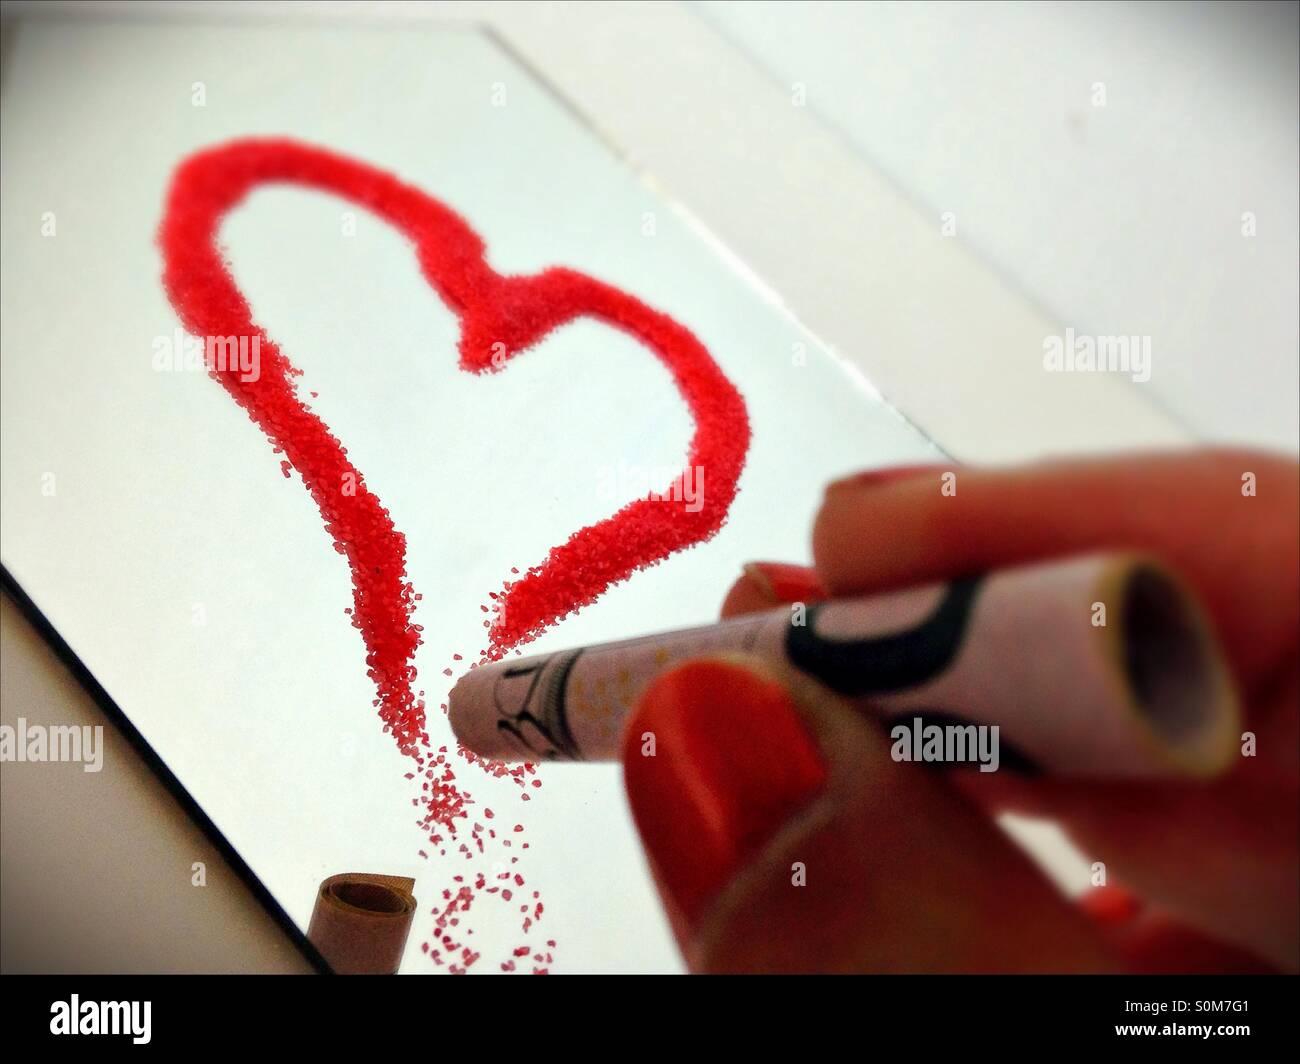 Quelqu'un à propos de snort en forme de coeur une substance en poudre. Banque D'Images